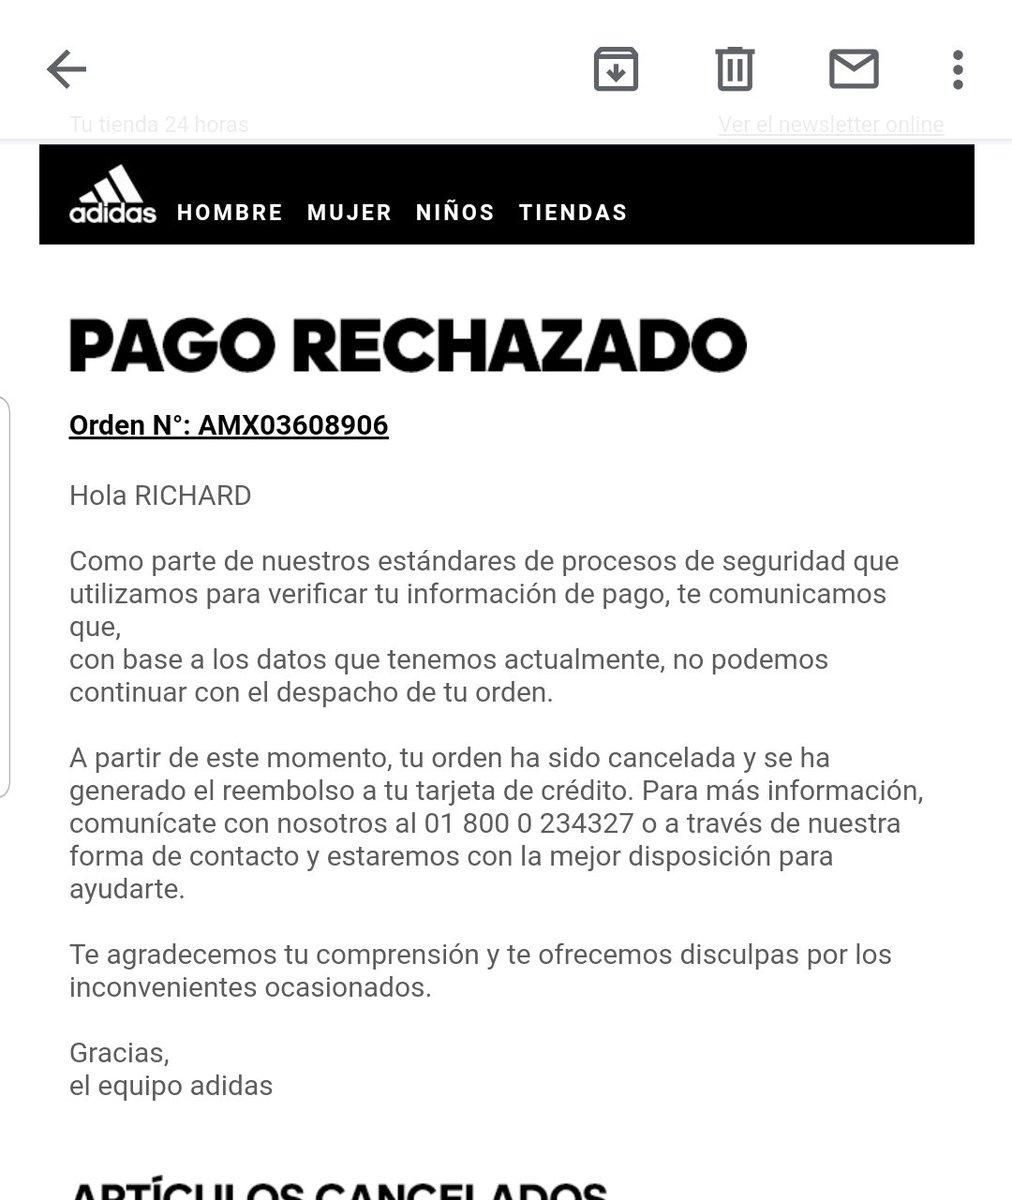 adidas 01800 international